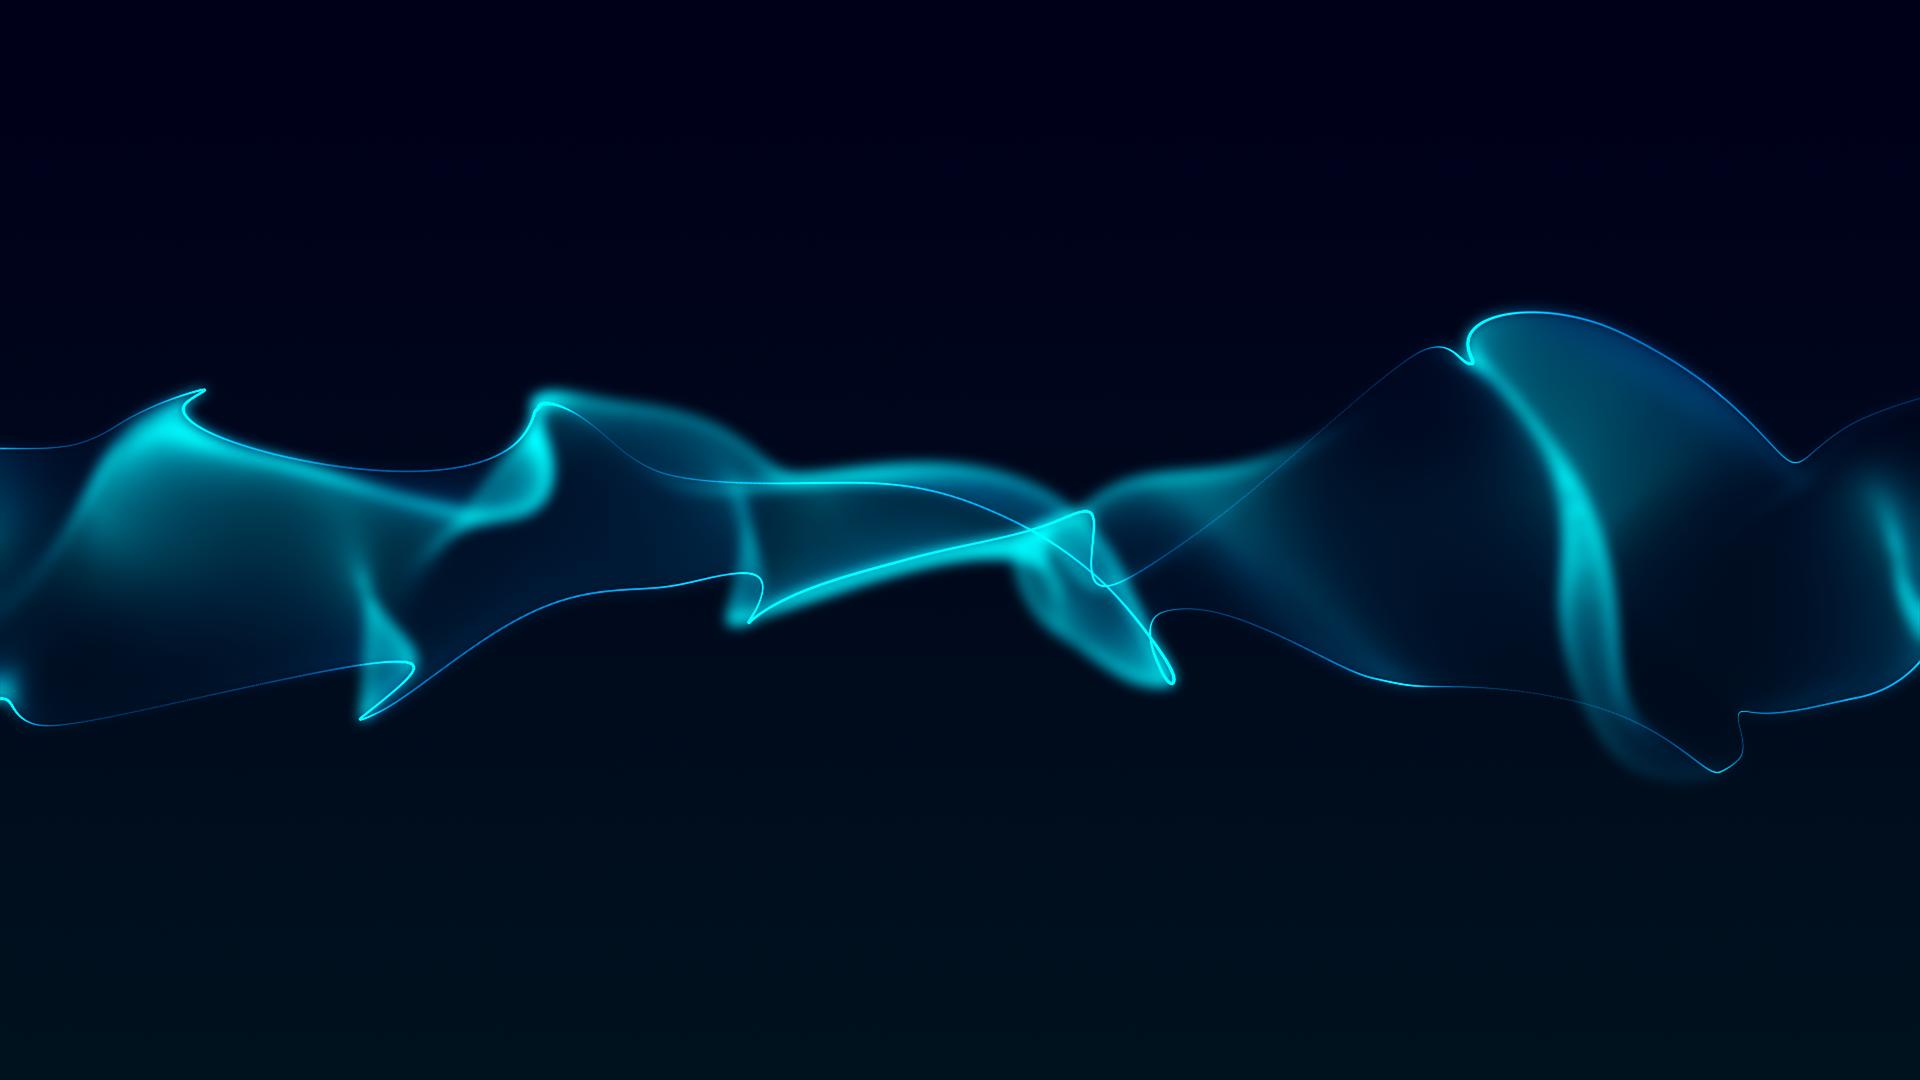 цифры, дым, гало, Формы, Флуоресцентный - Обои HD - Профессор falken.com